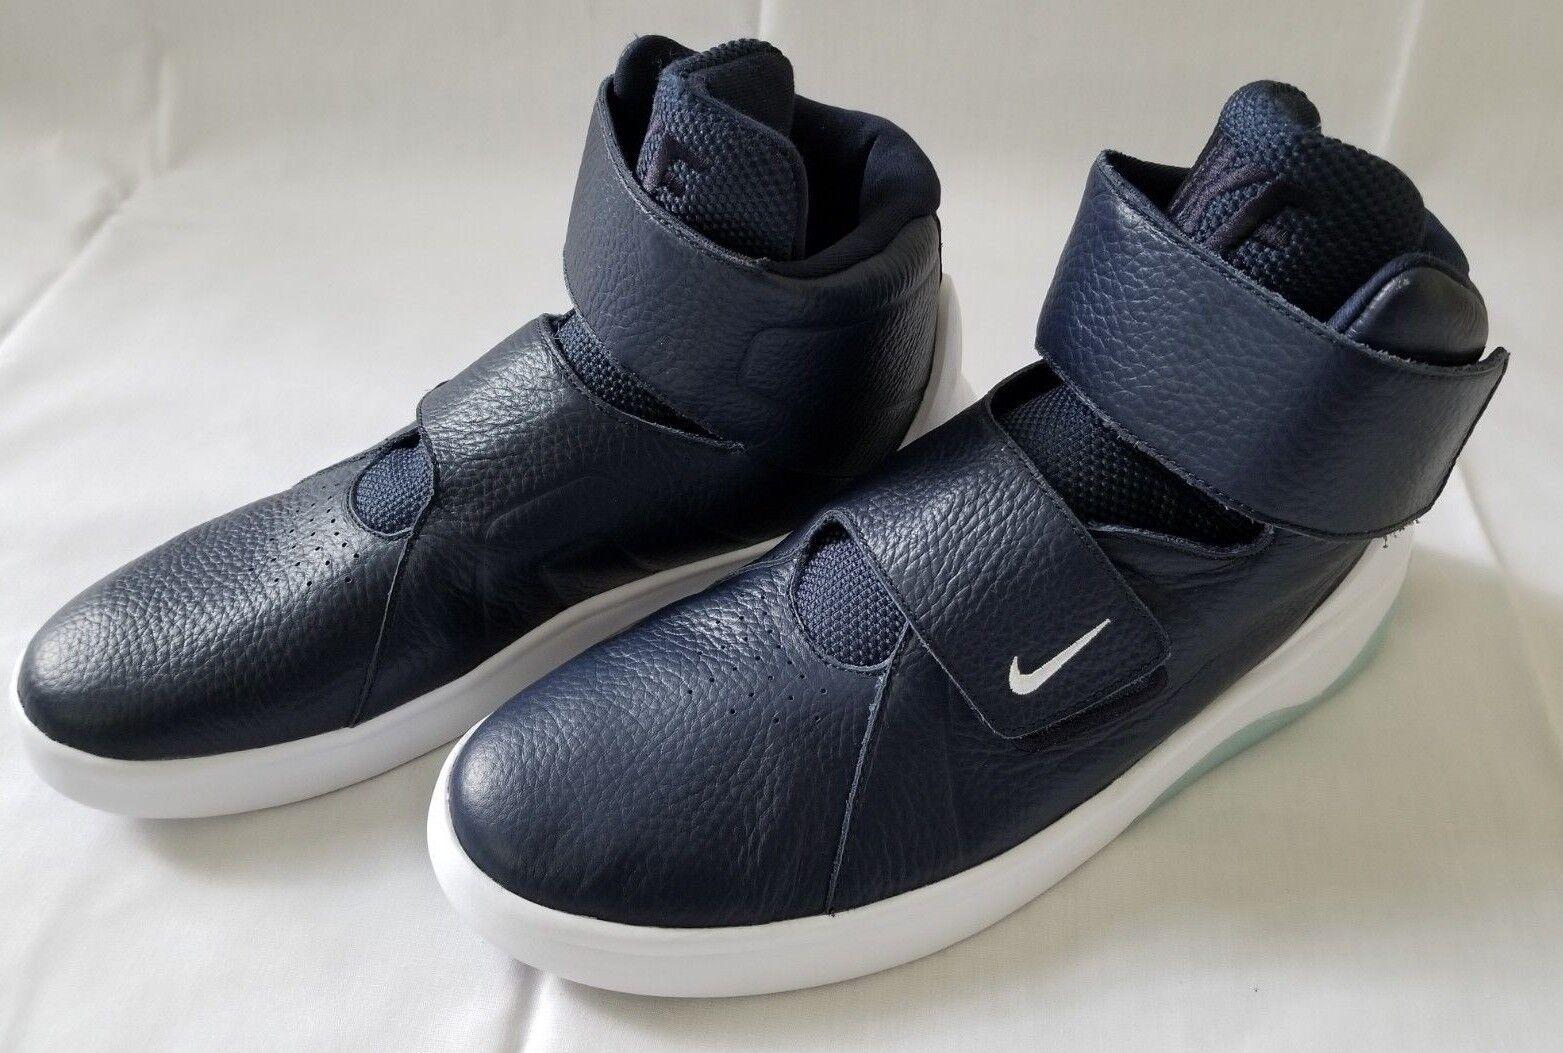 Para Hombre Talla 11 Azul blancoo Nike Marxman Cuero Zapatos de baloncesto 832764-400